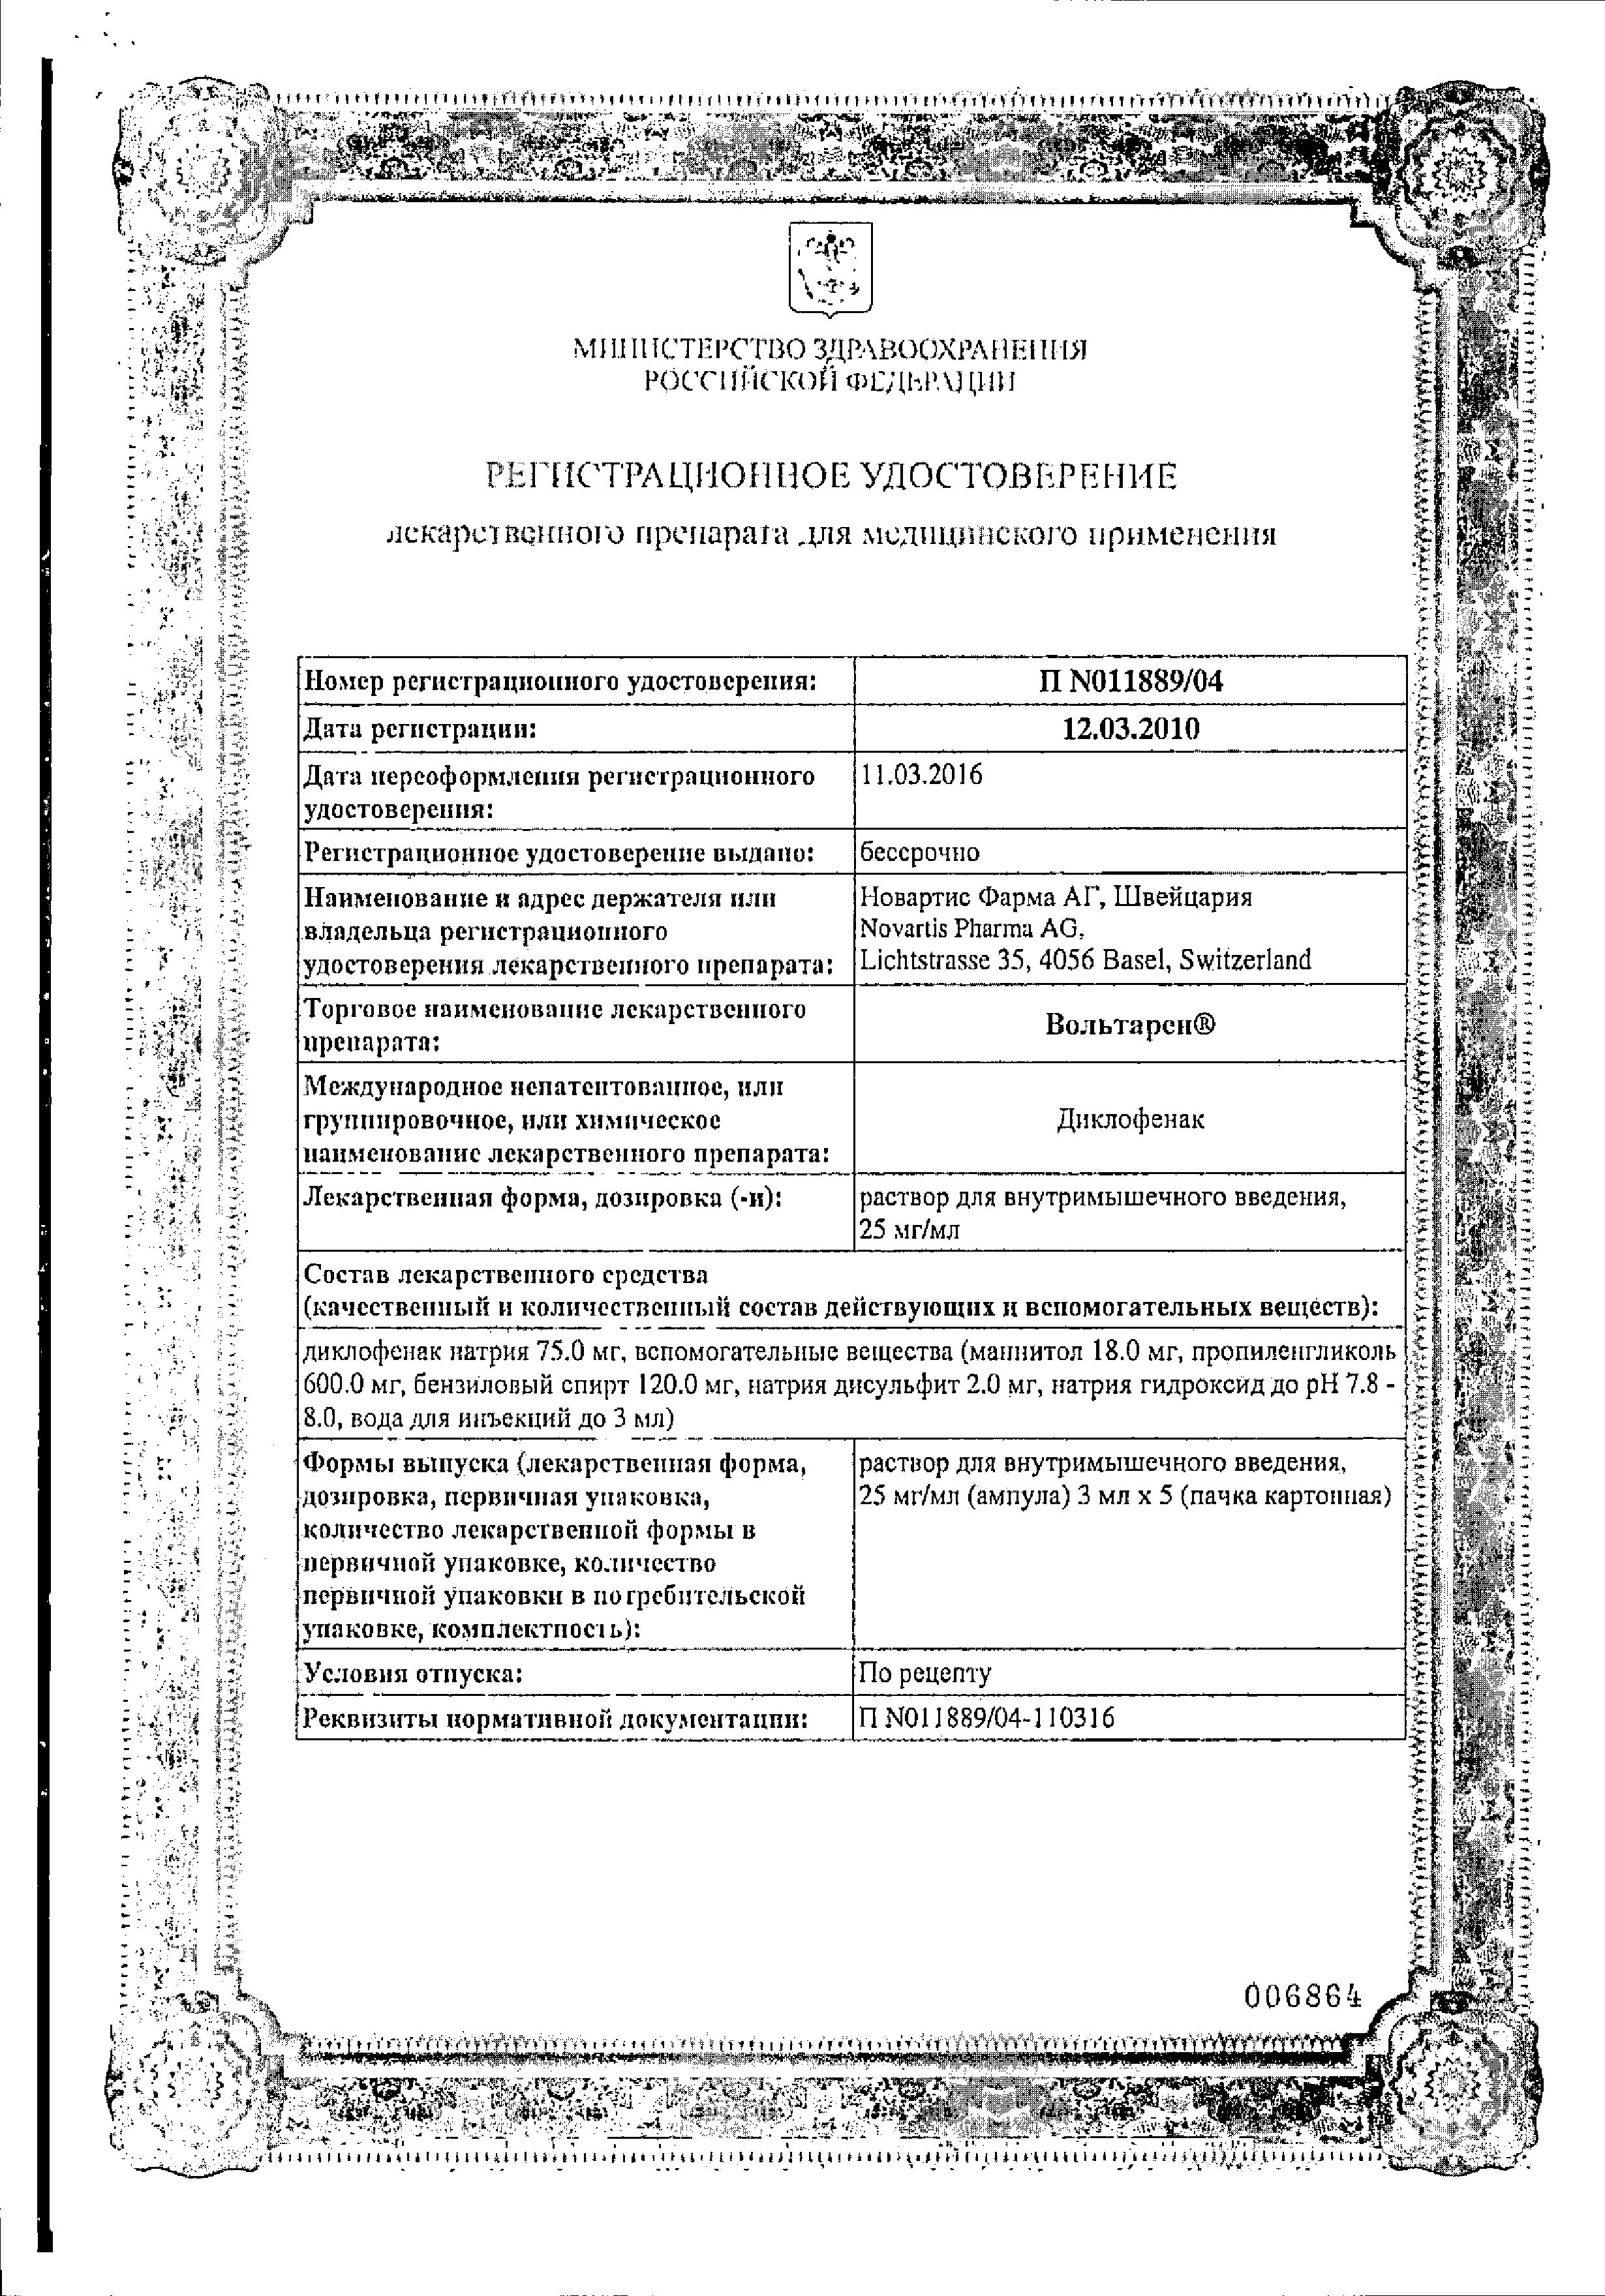 Вольтарен сертификат